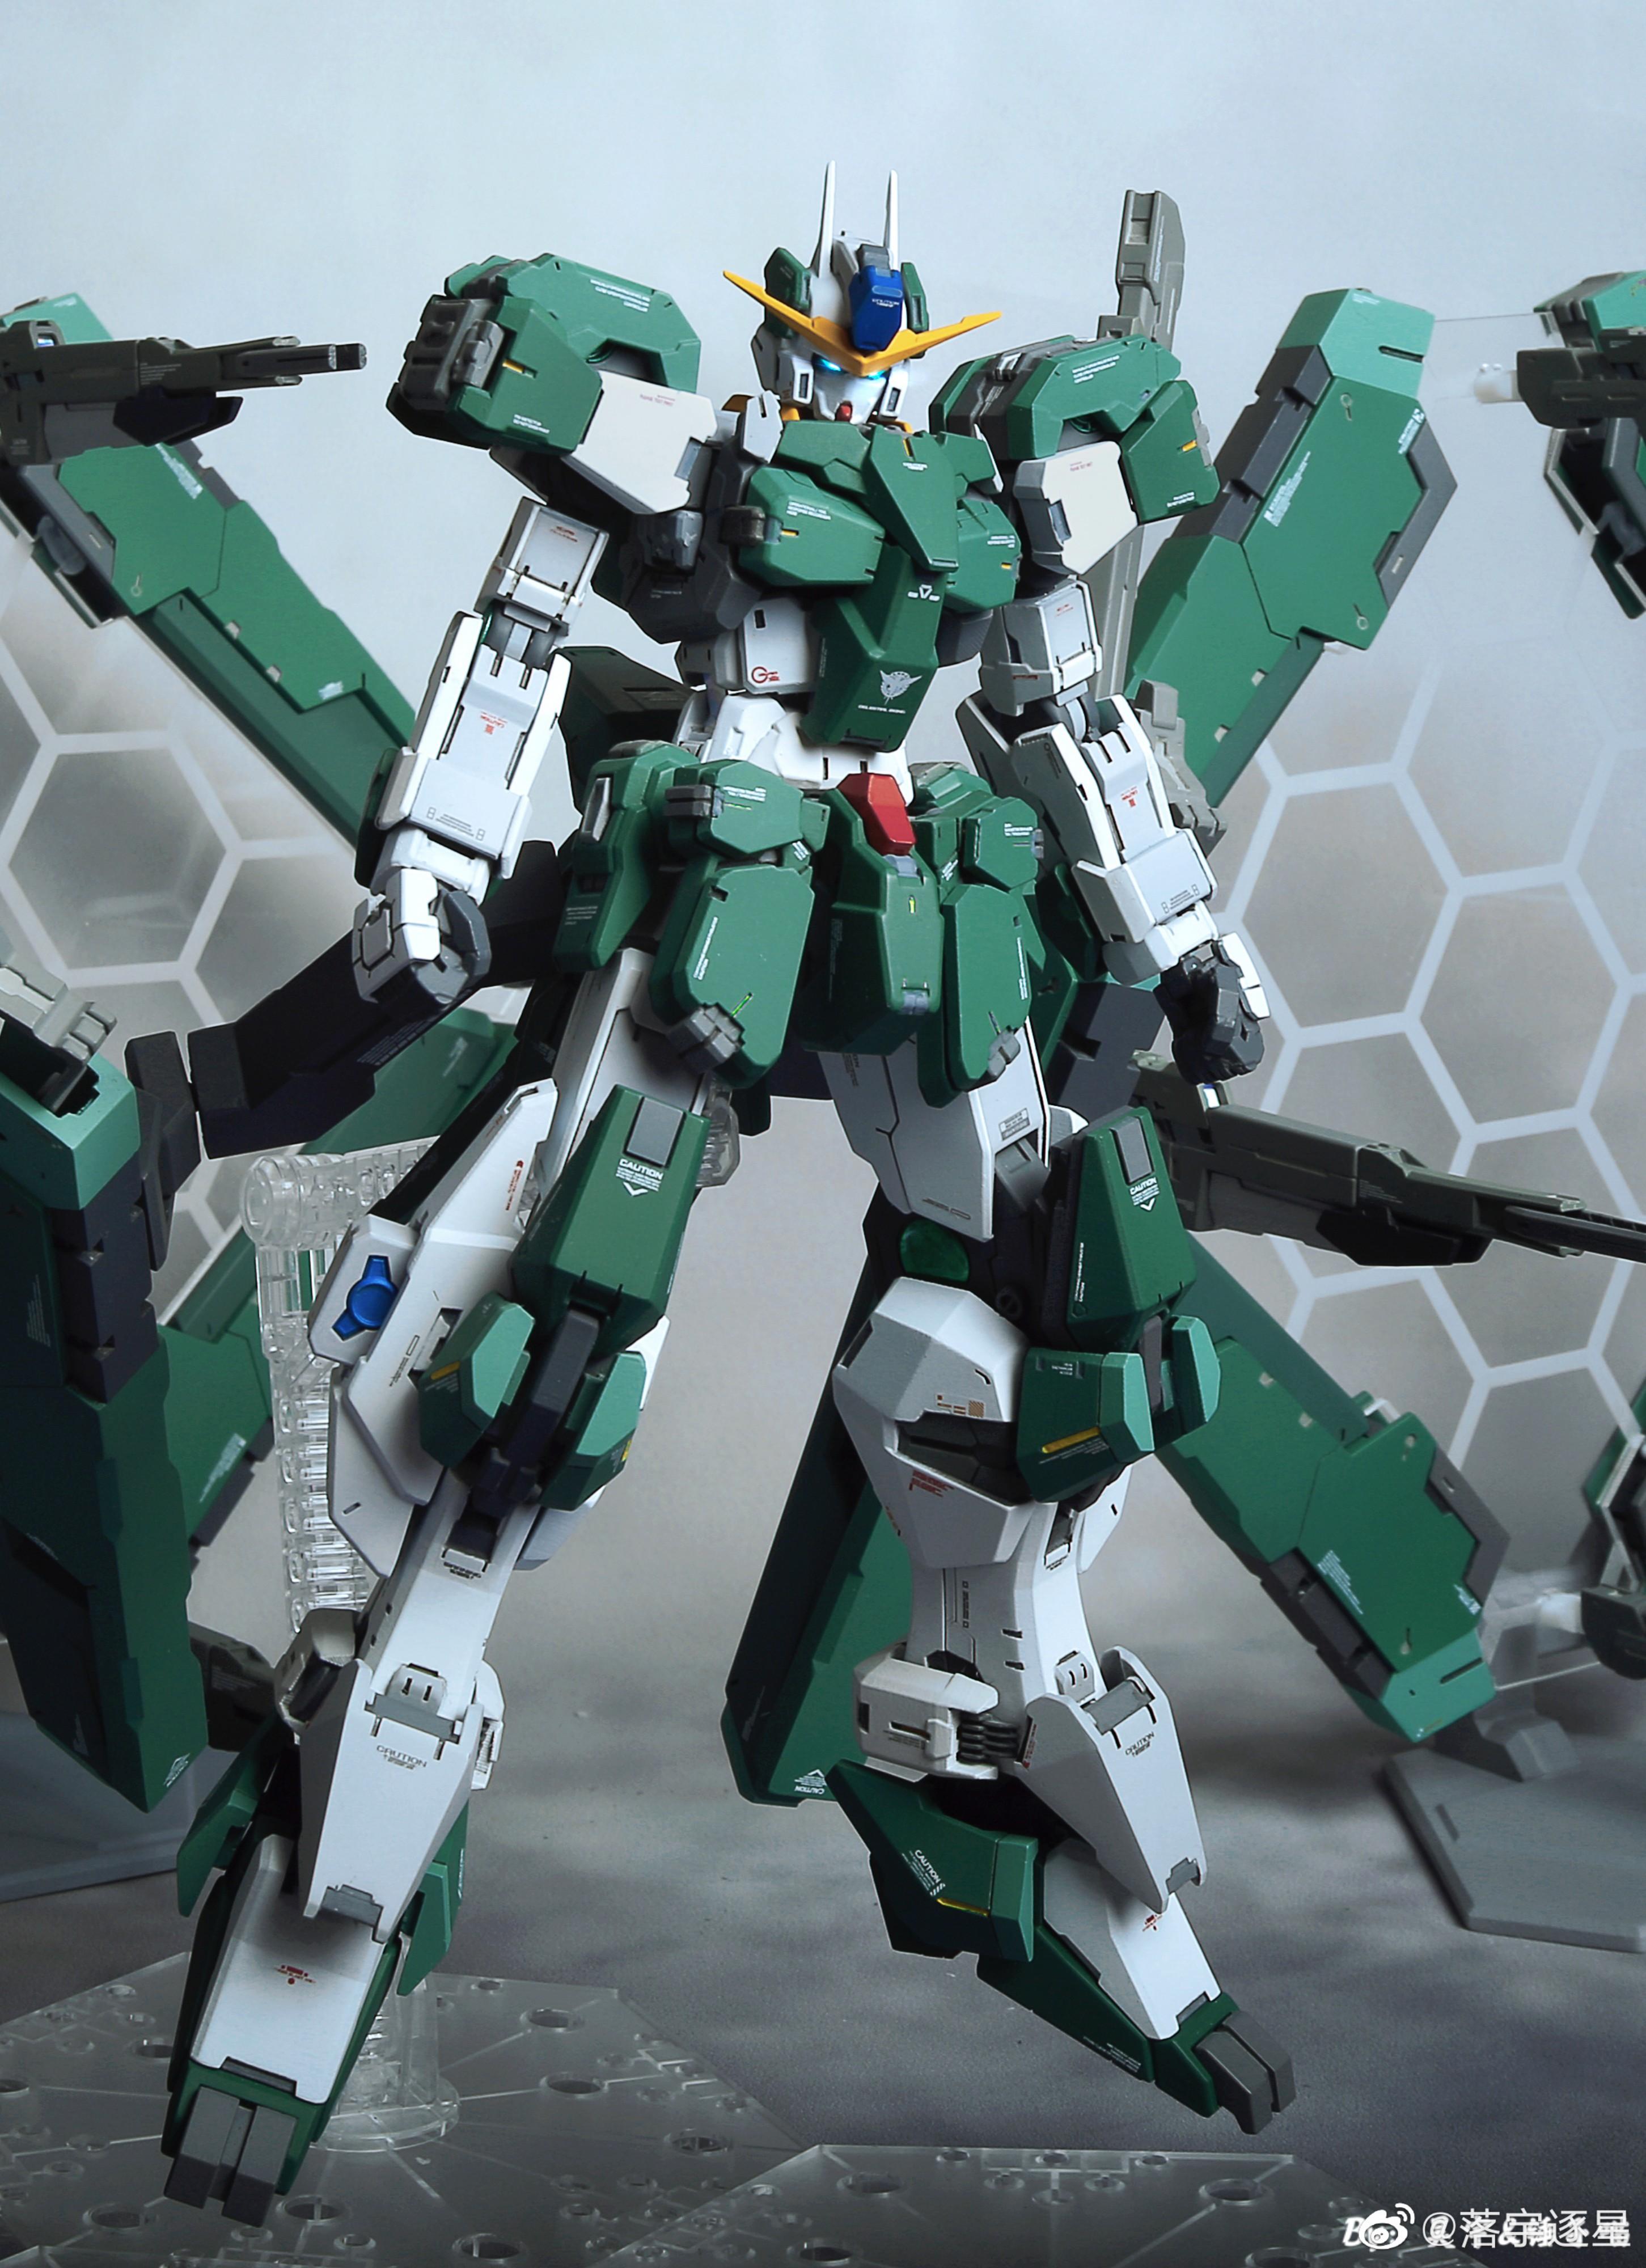 G652_3_GN_010_OO_Gundam_Zabanya_001.jpg